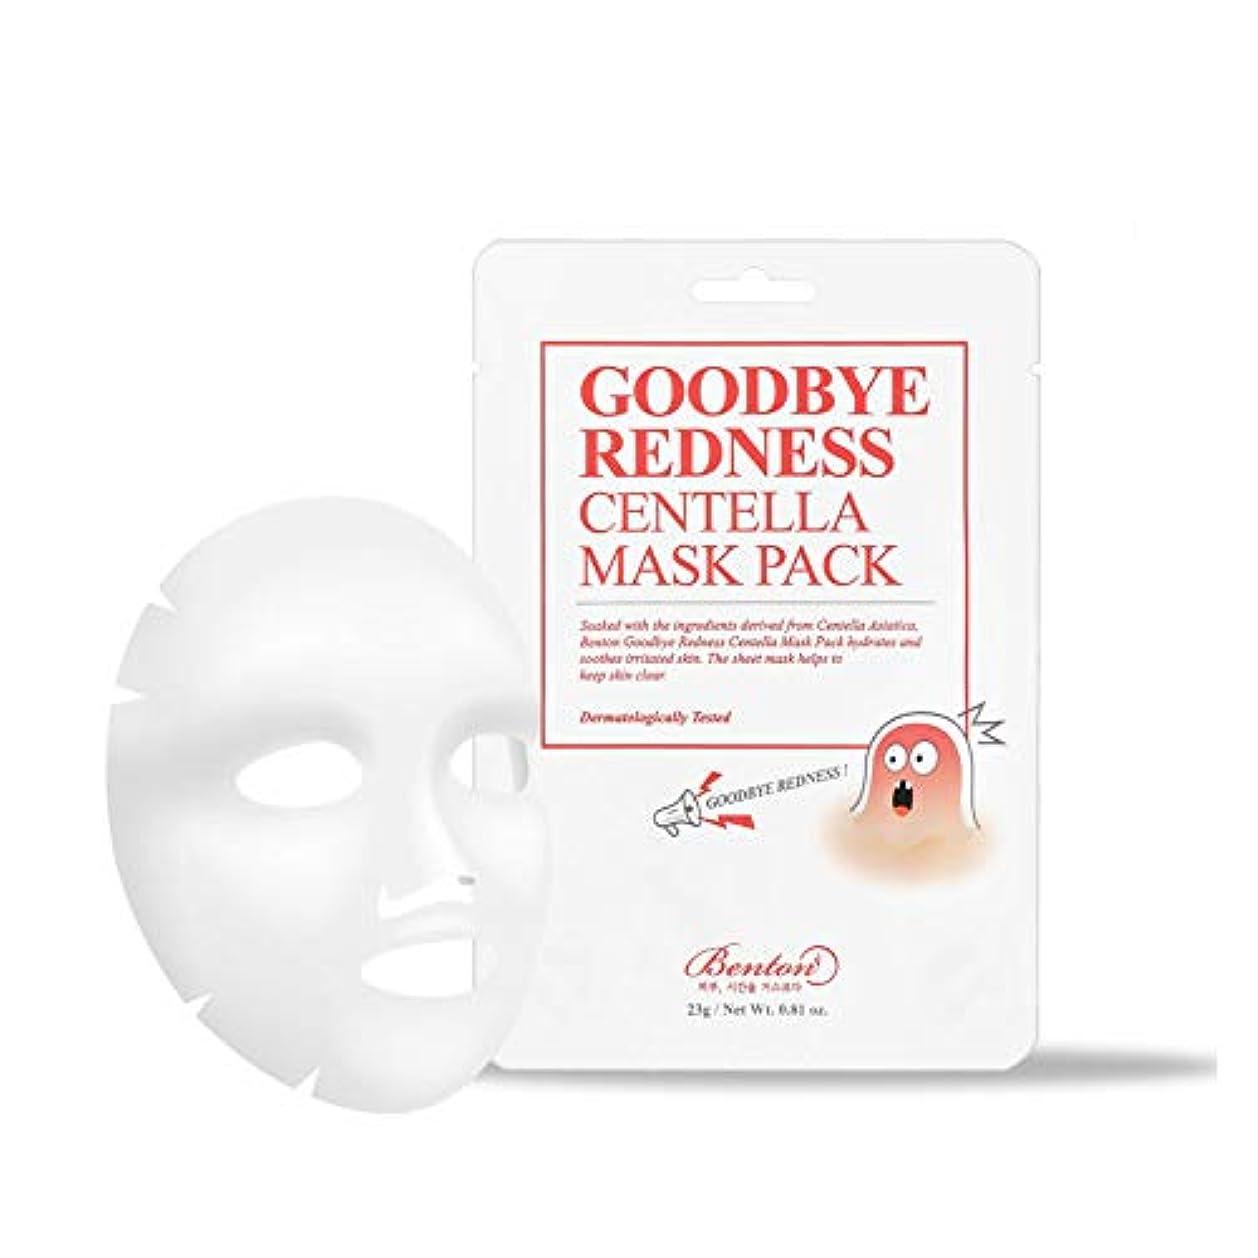 マウントバンク貝殻石膏BENTON ベントン Goodbye Redness Centella Mask Pack Sheet 10 EA グッバイレッドネスセンテラマスクパック 10個 [並行輸入品]